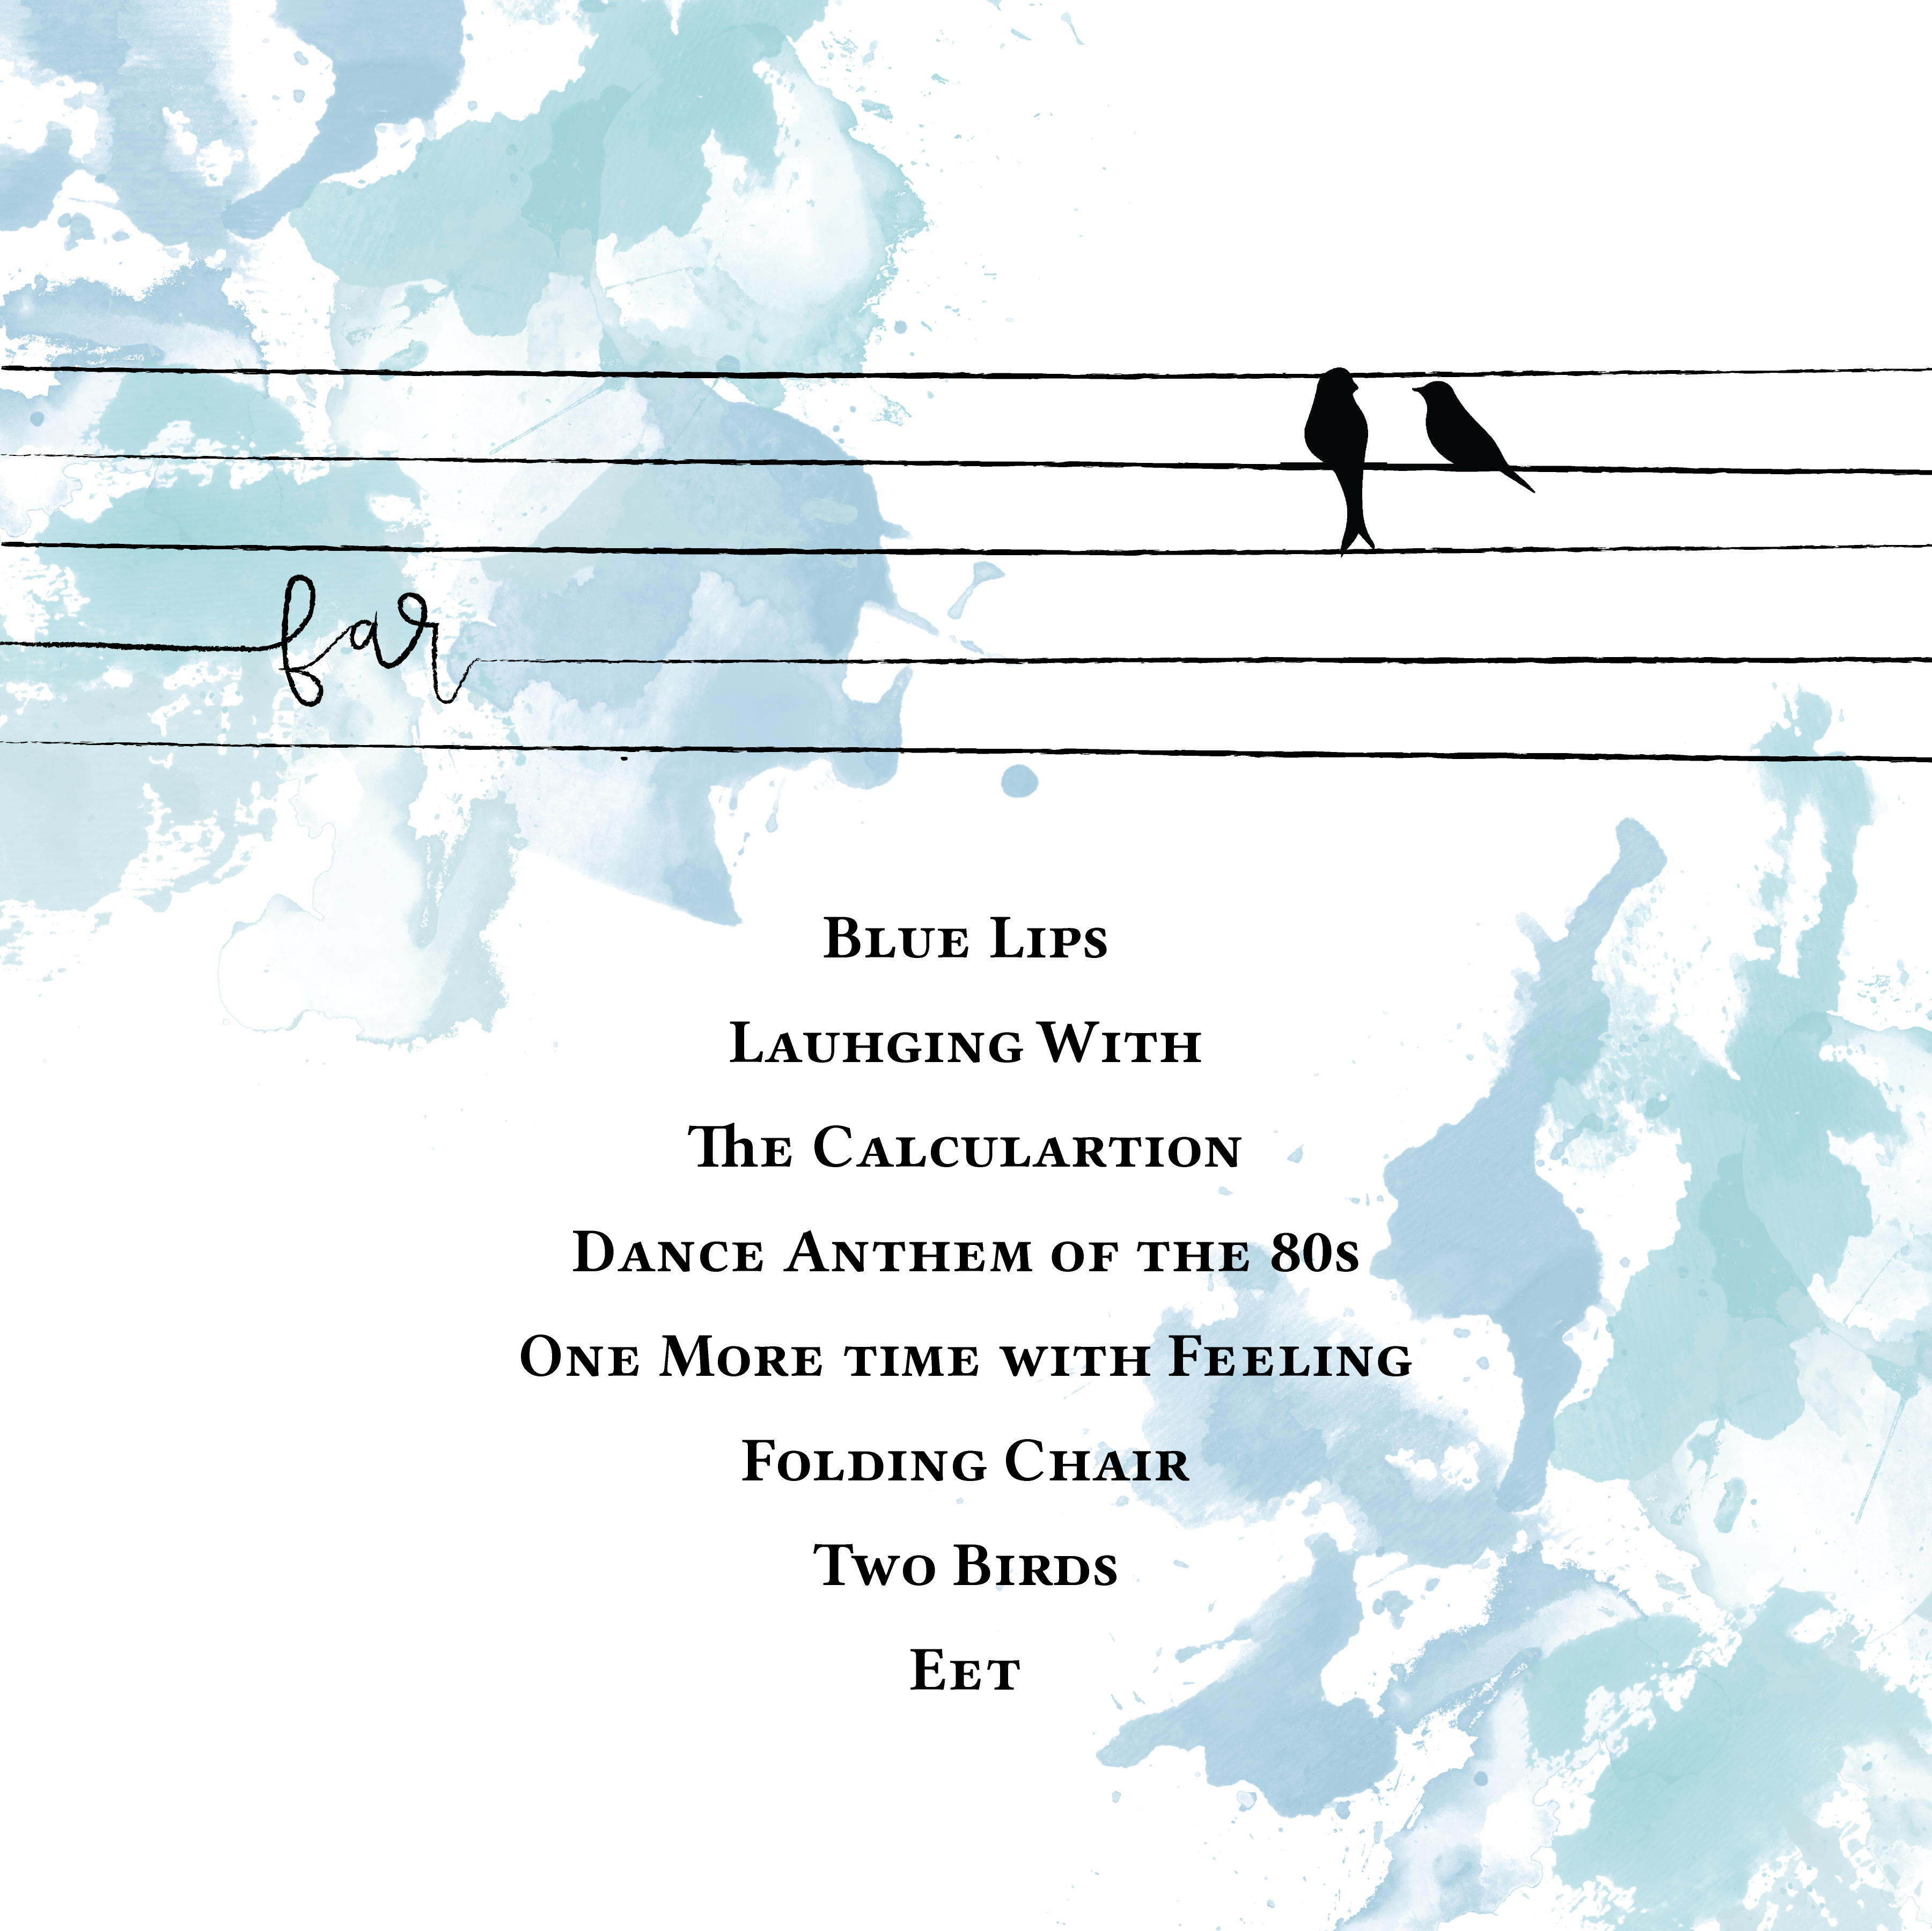 albumcover1 copy-02